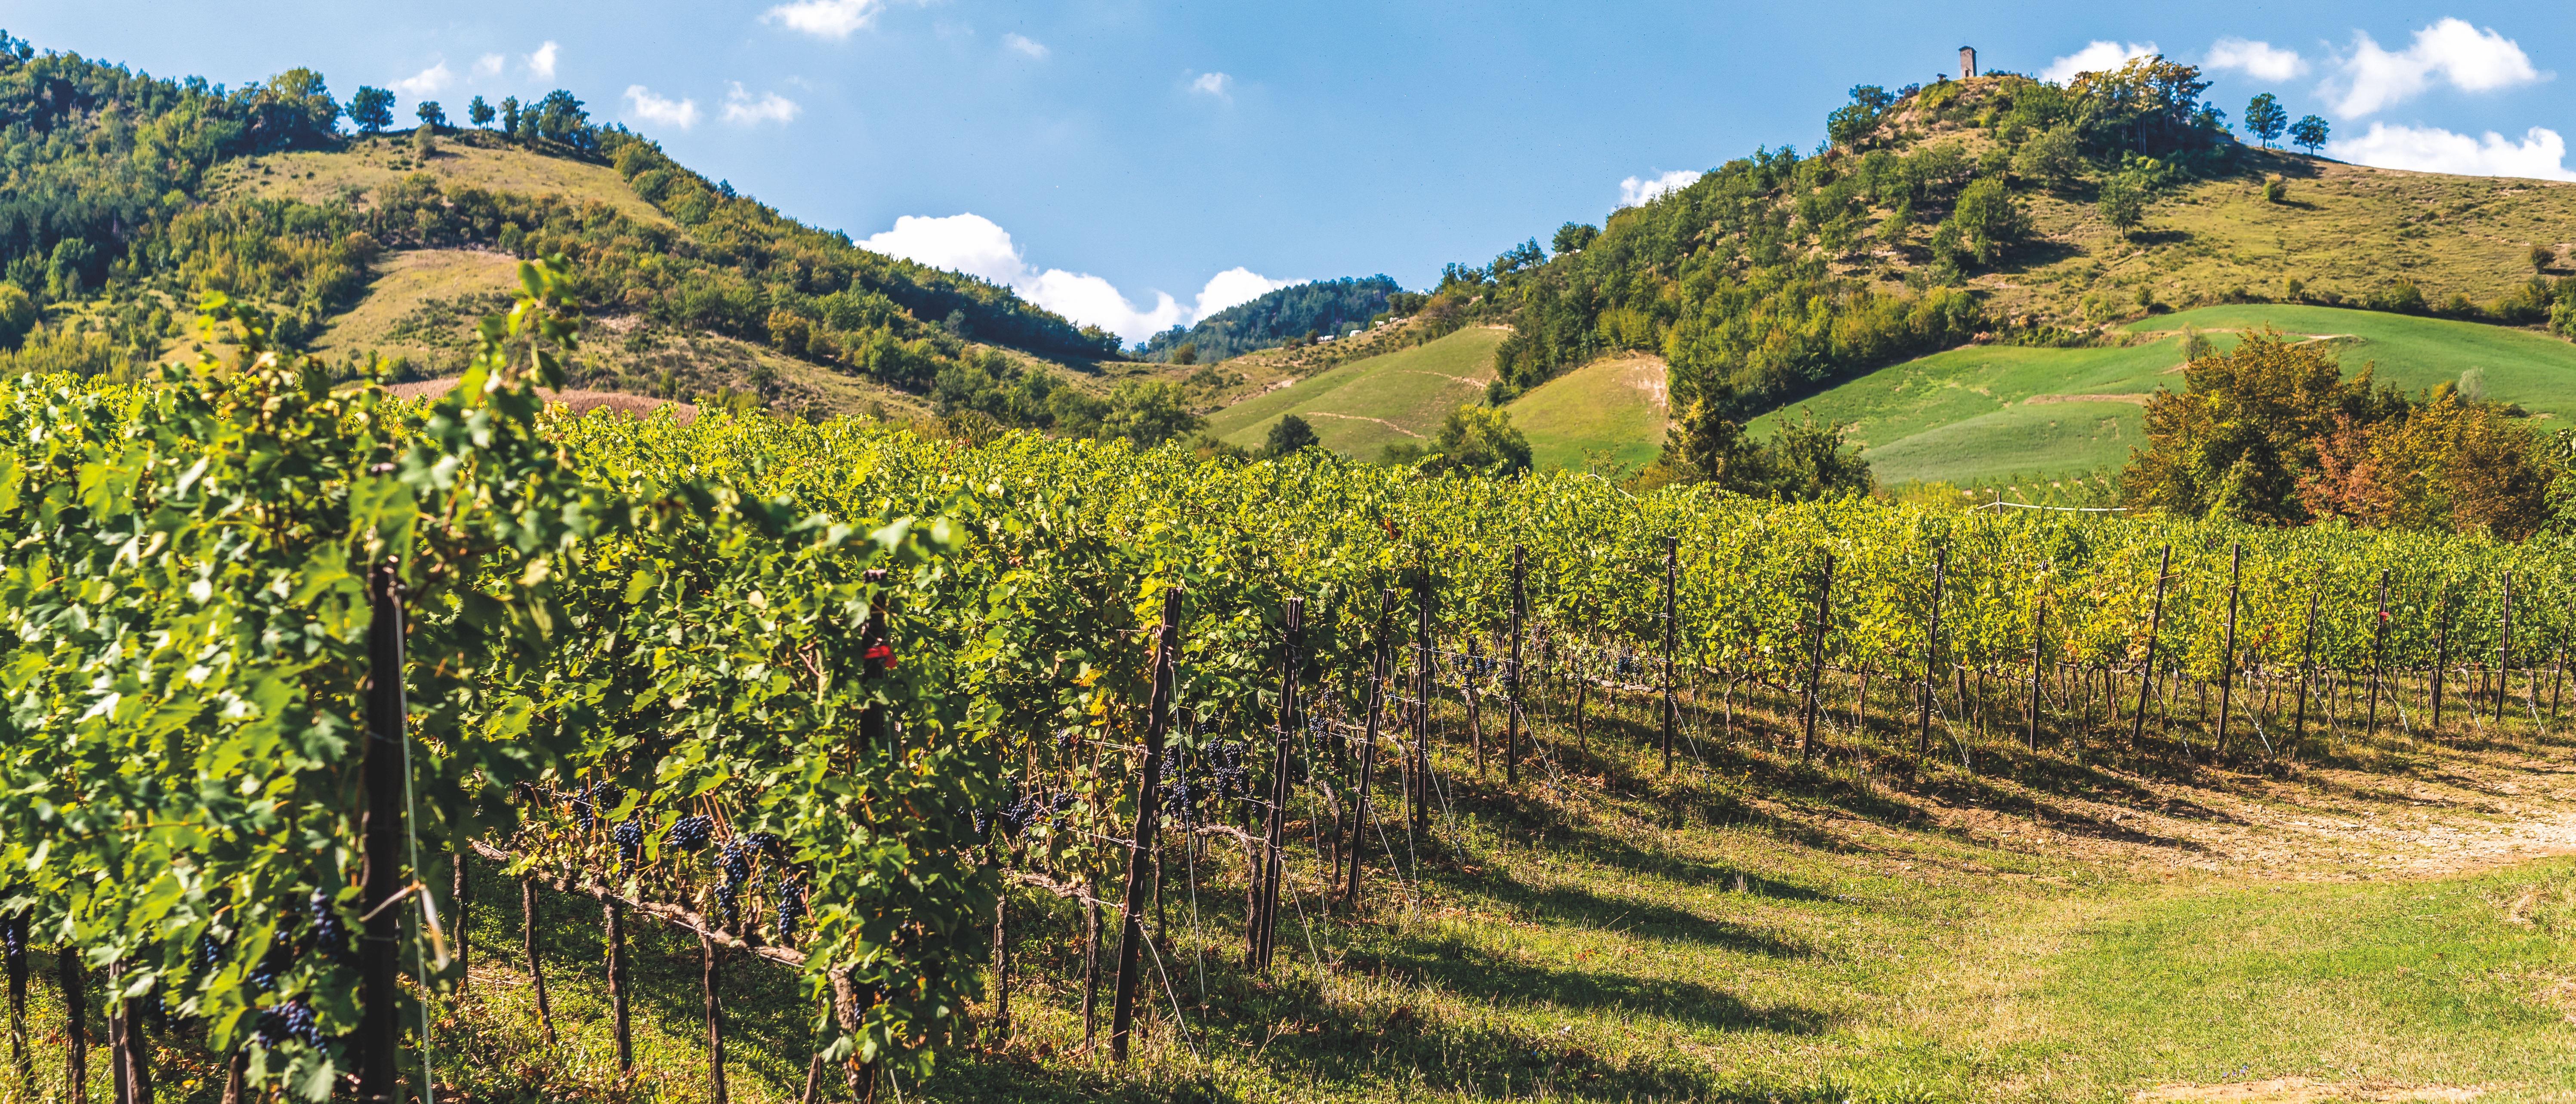 Vigneti e uve tra le colline del territorio per Caviro, la cantina d'Italia